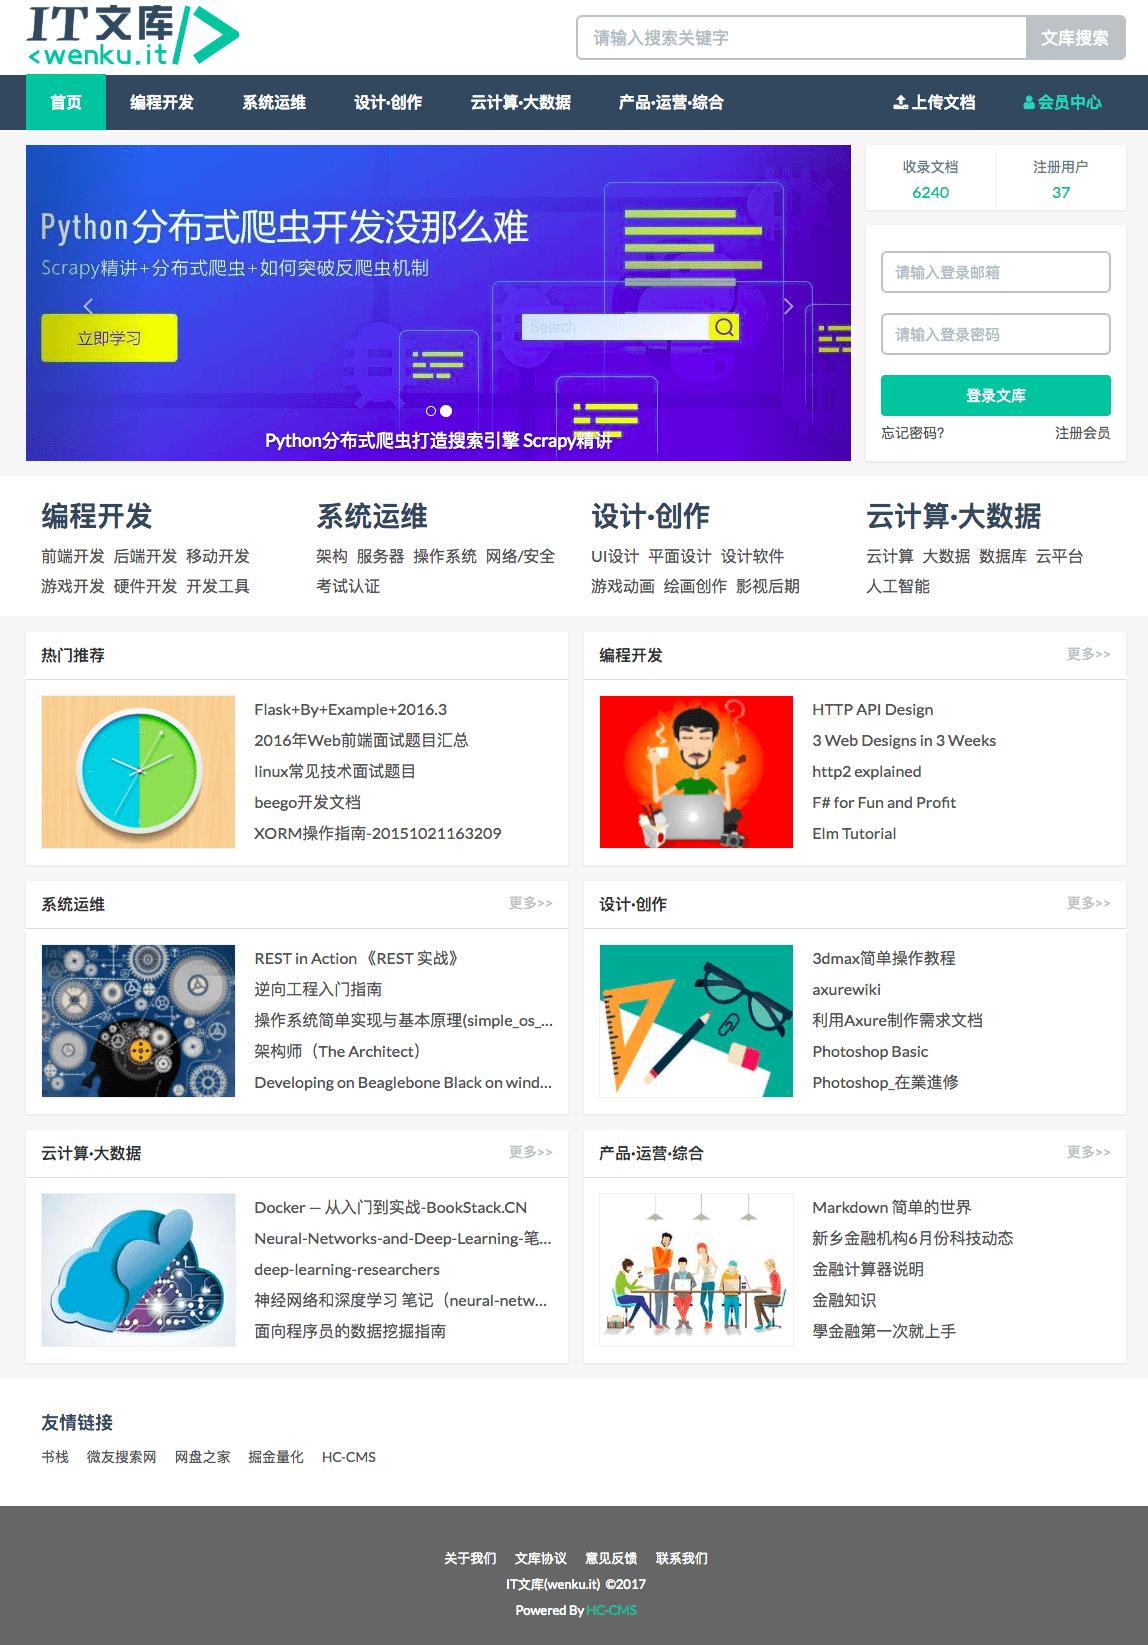 Gitee 9 月新增 1000Stars 项目| 码云周刊第 97 期-Gitee 官方博客